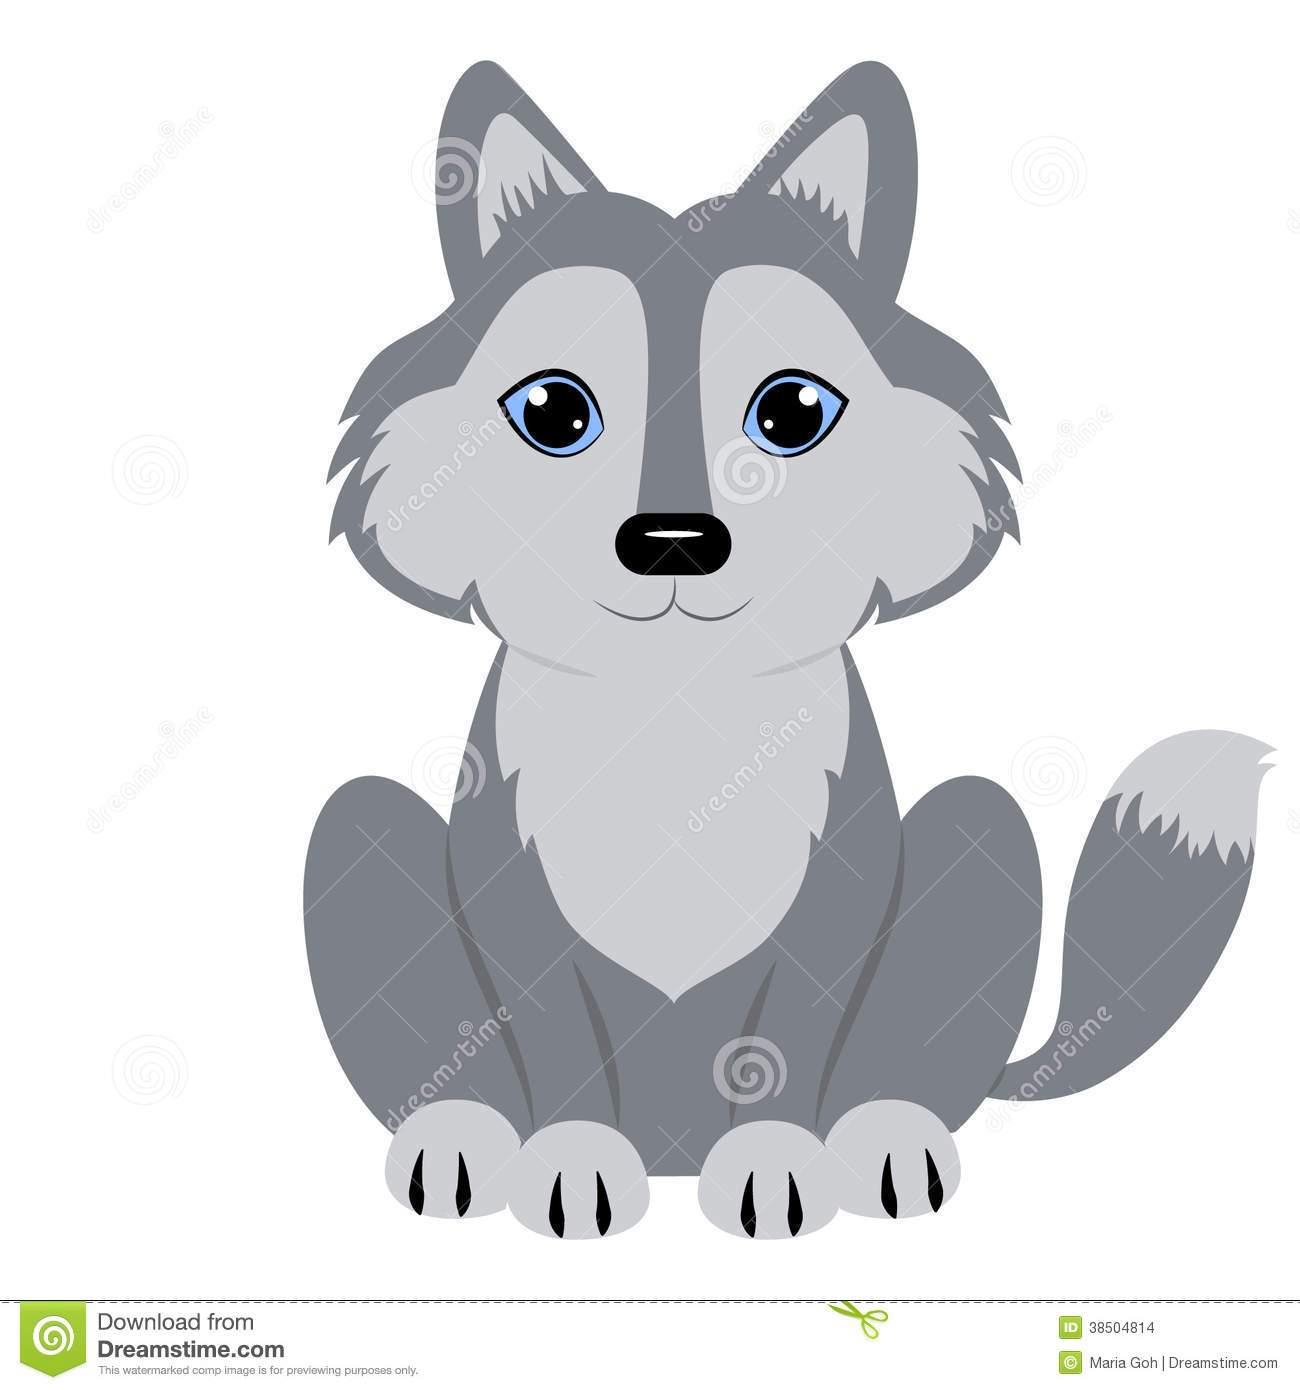 Cute wolf clipart 3 » Clipart Portal.